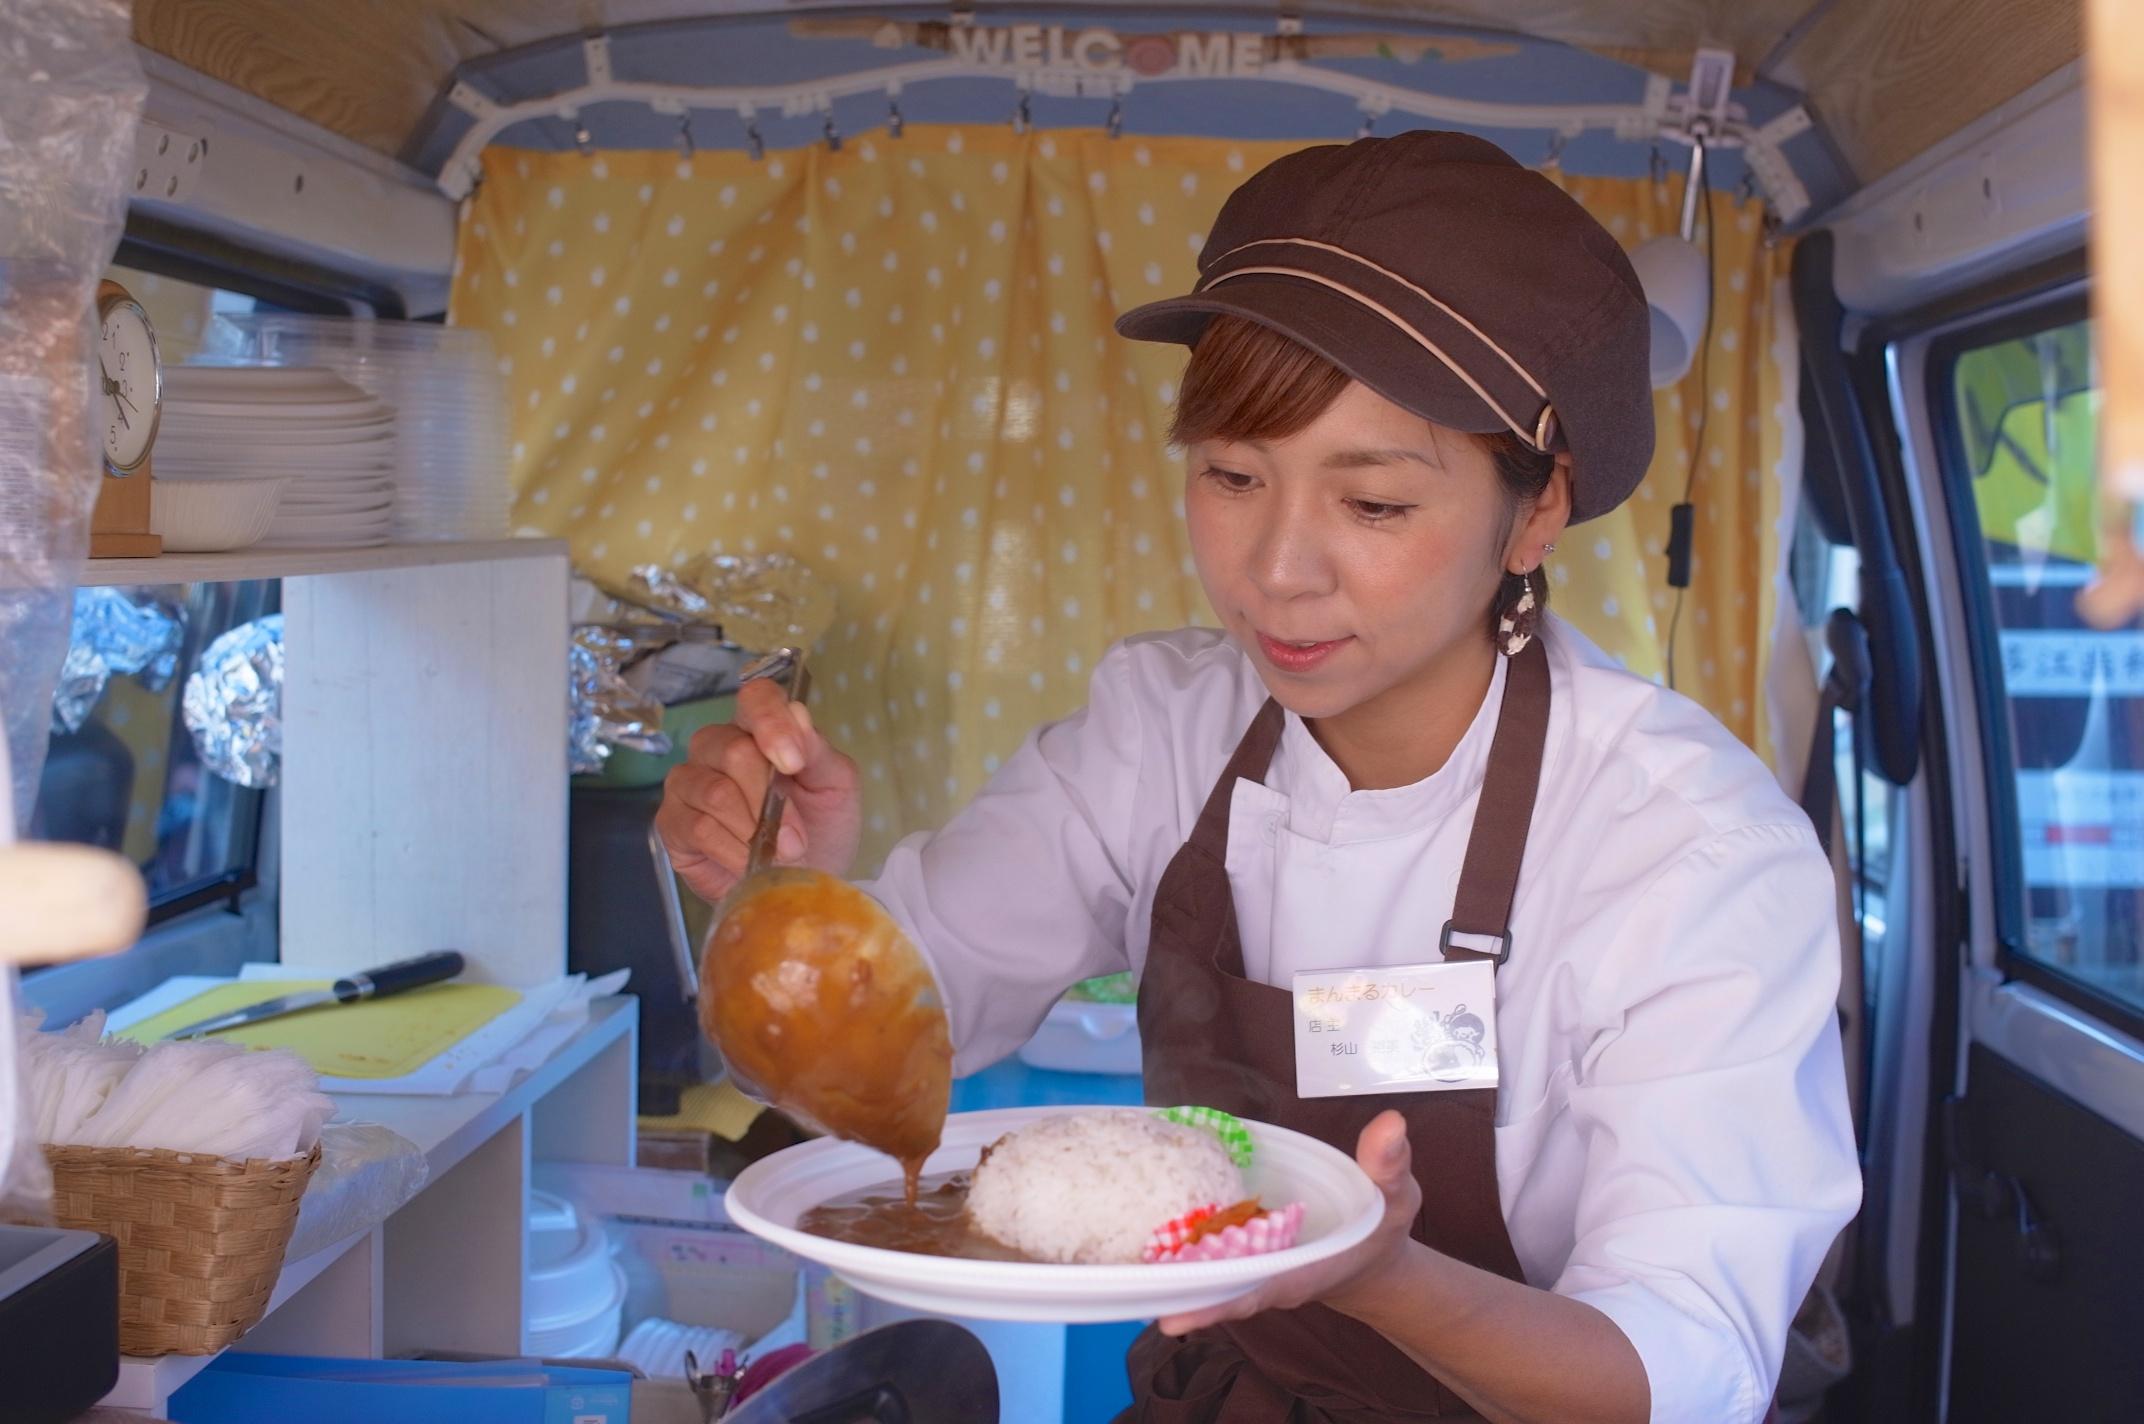 【糸島】月に一度の軽トラ市!「伊都ホットサンド笑顔」「まんまる」が出店でグルメグランプリの再現!